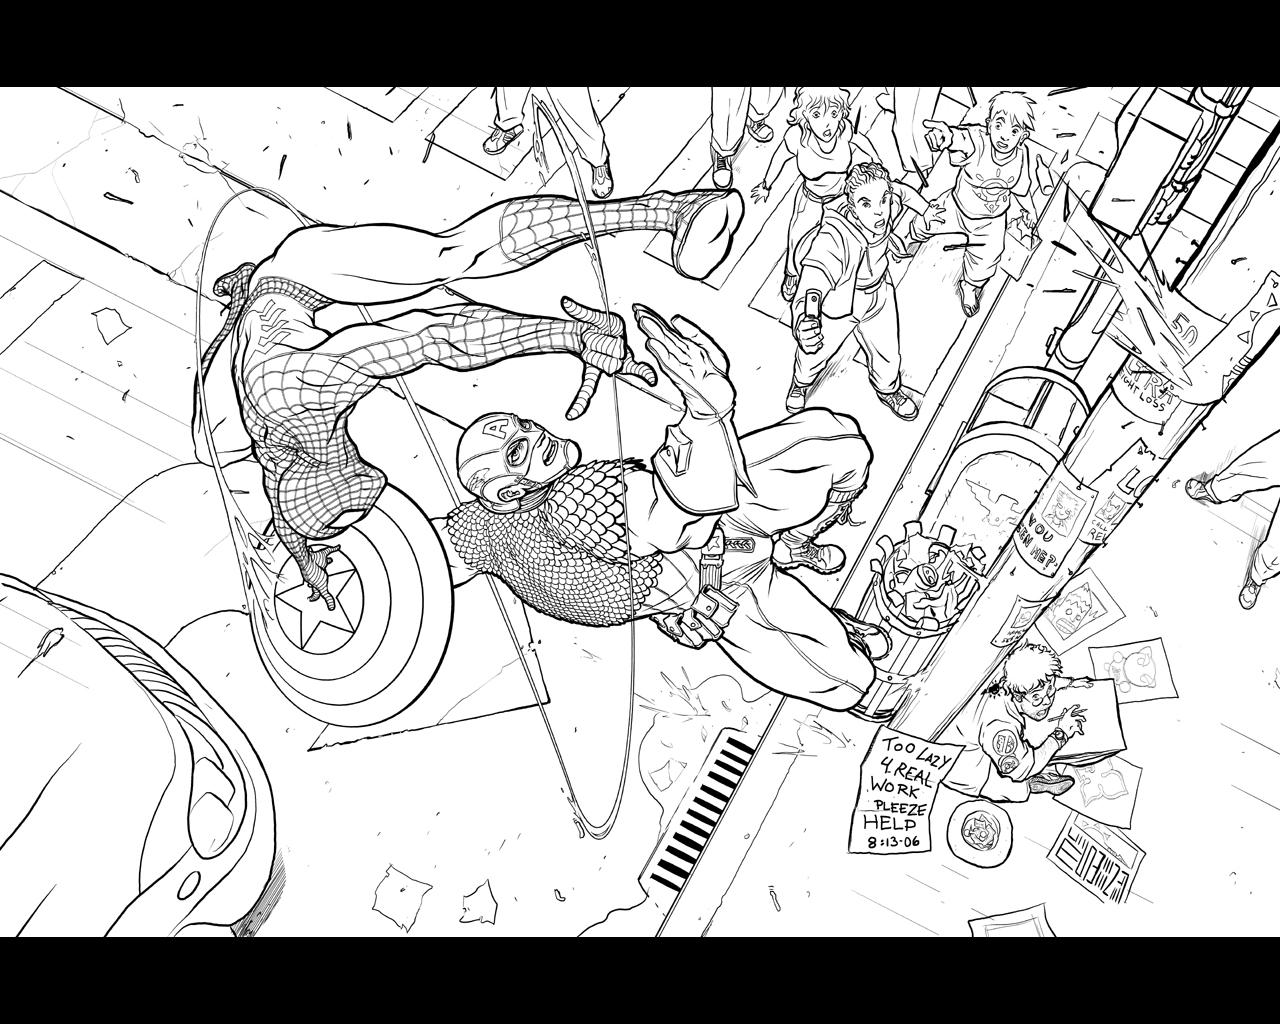 Captain America vs. Spider-Man by Inkthinker on DeviantArt